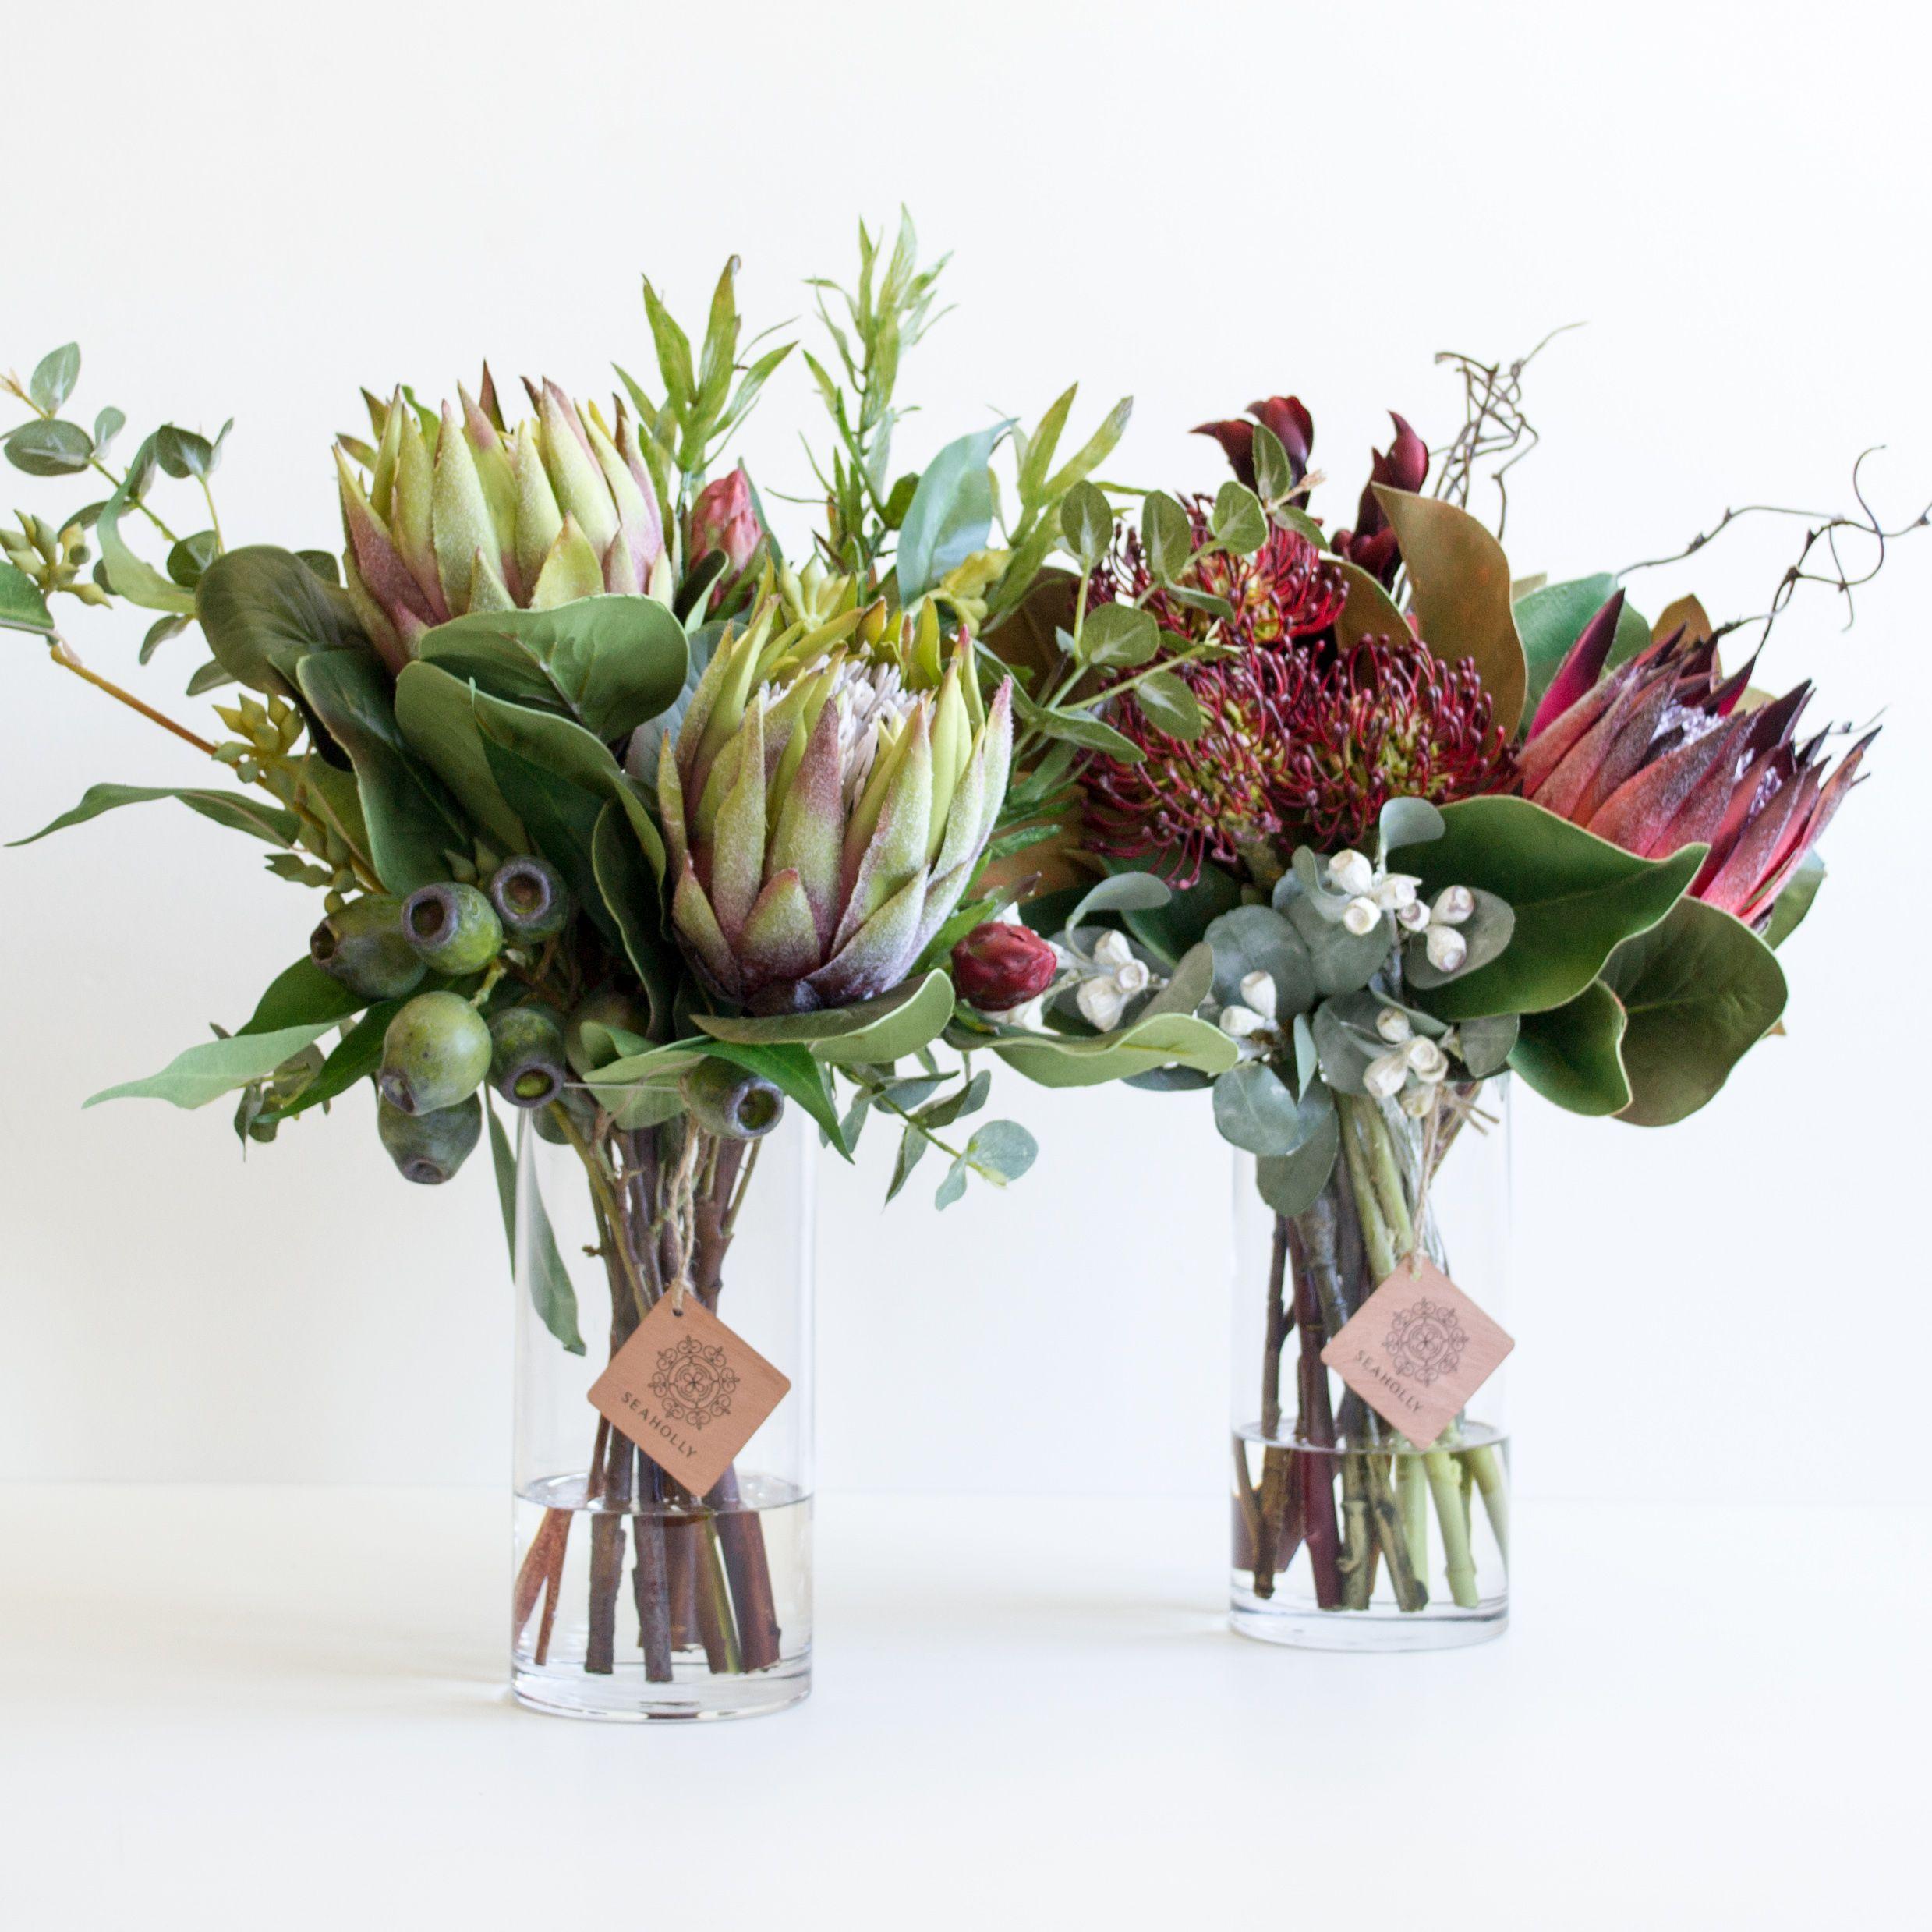 Rustic Artificial Flower Arrangement Australian Natives Native Arrangements Burgundy Green